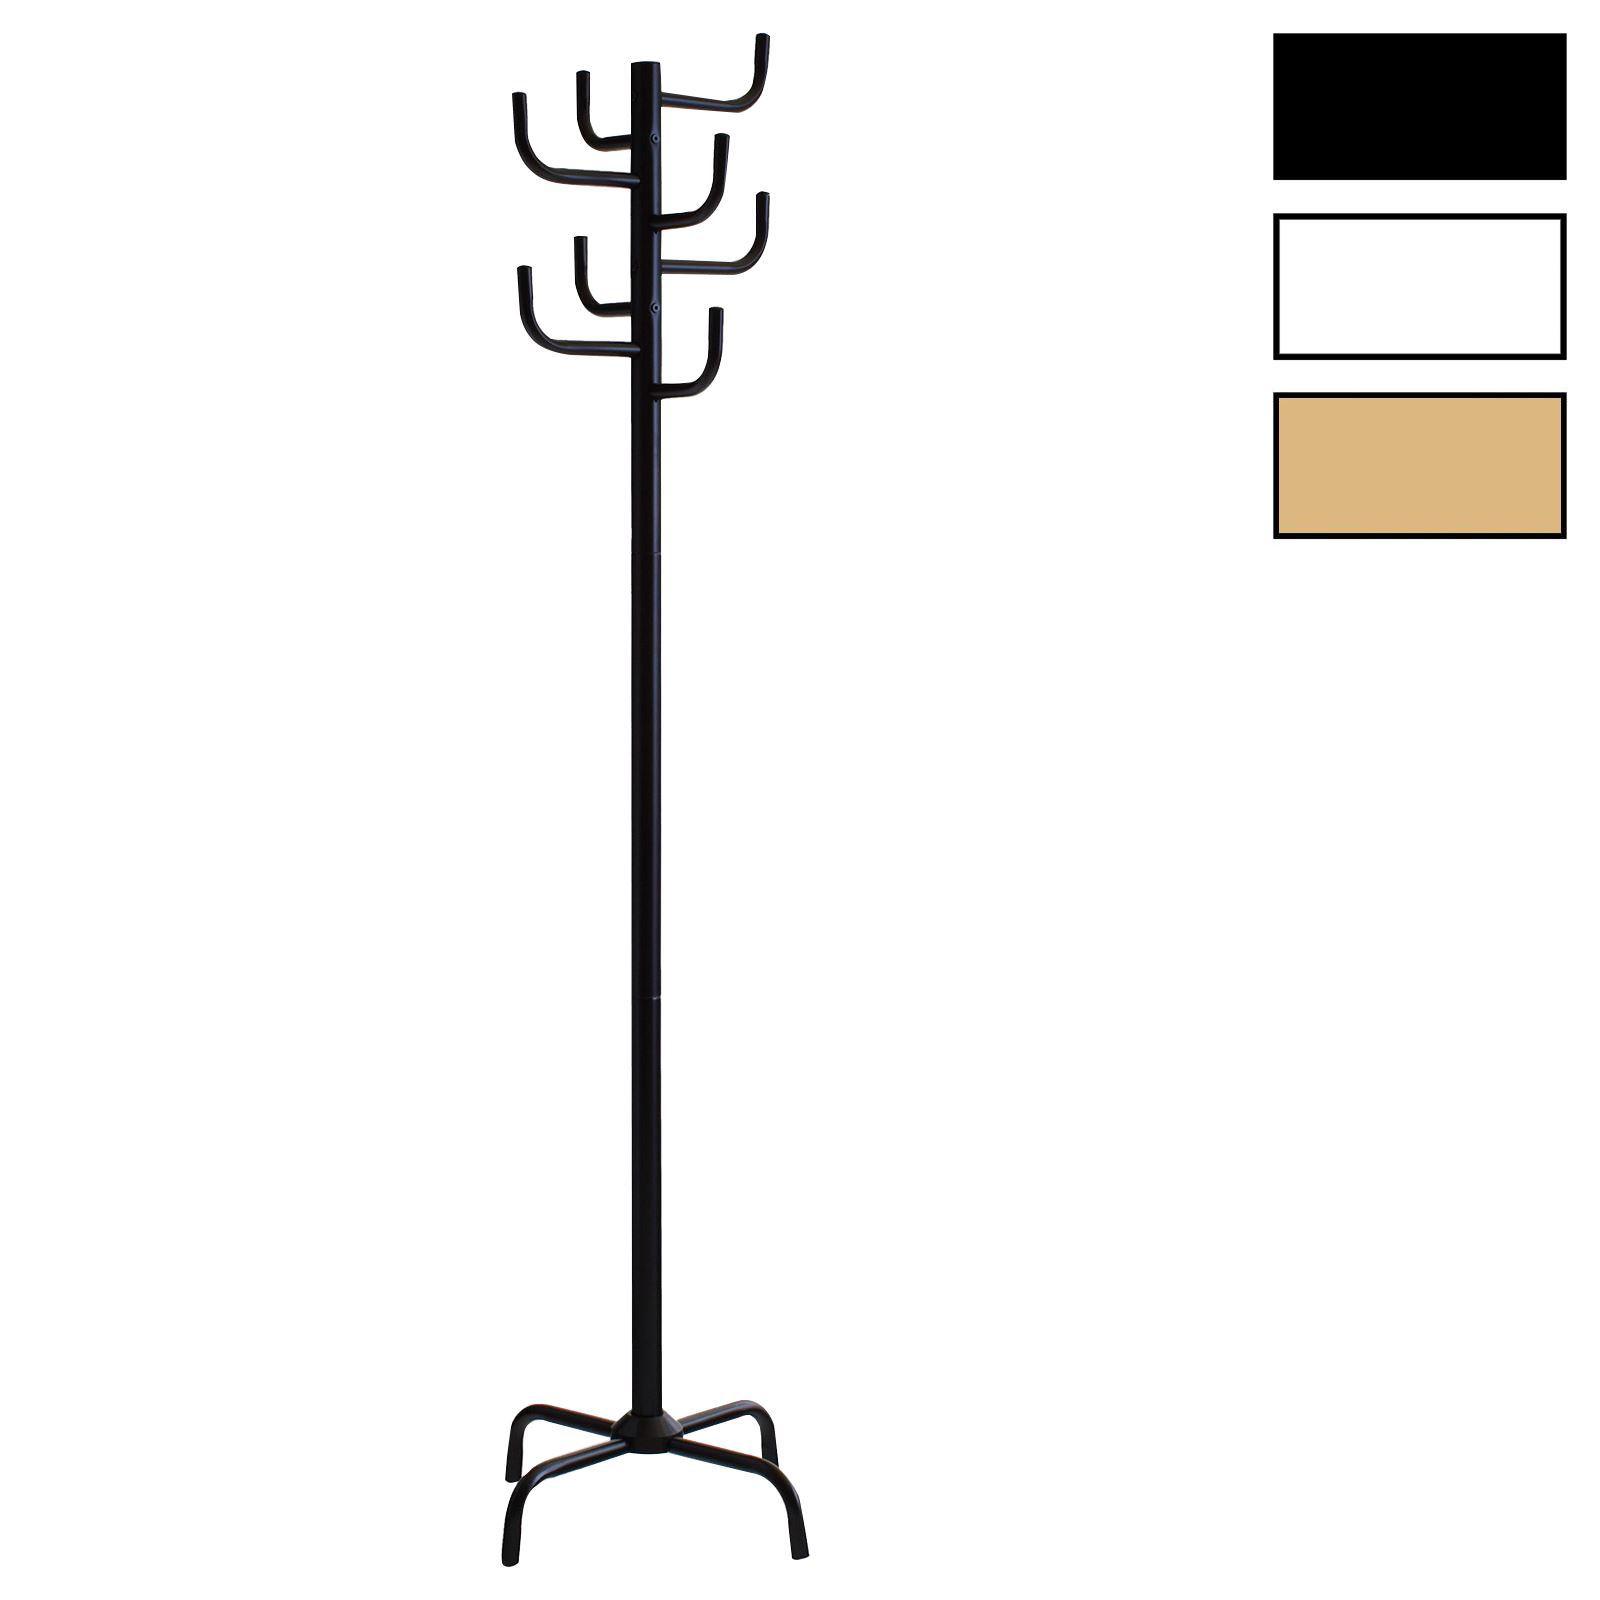 Kleiderständer Kaktus kleiderständer kaktus in 6 farben mobilia24